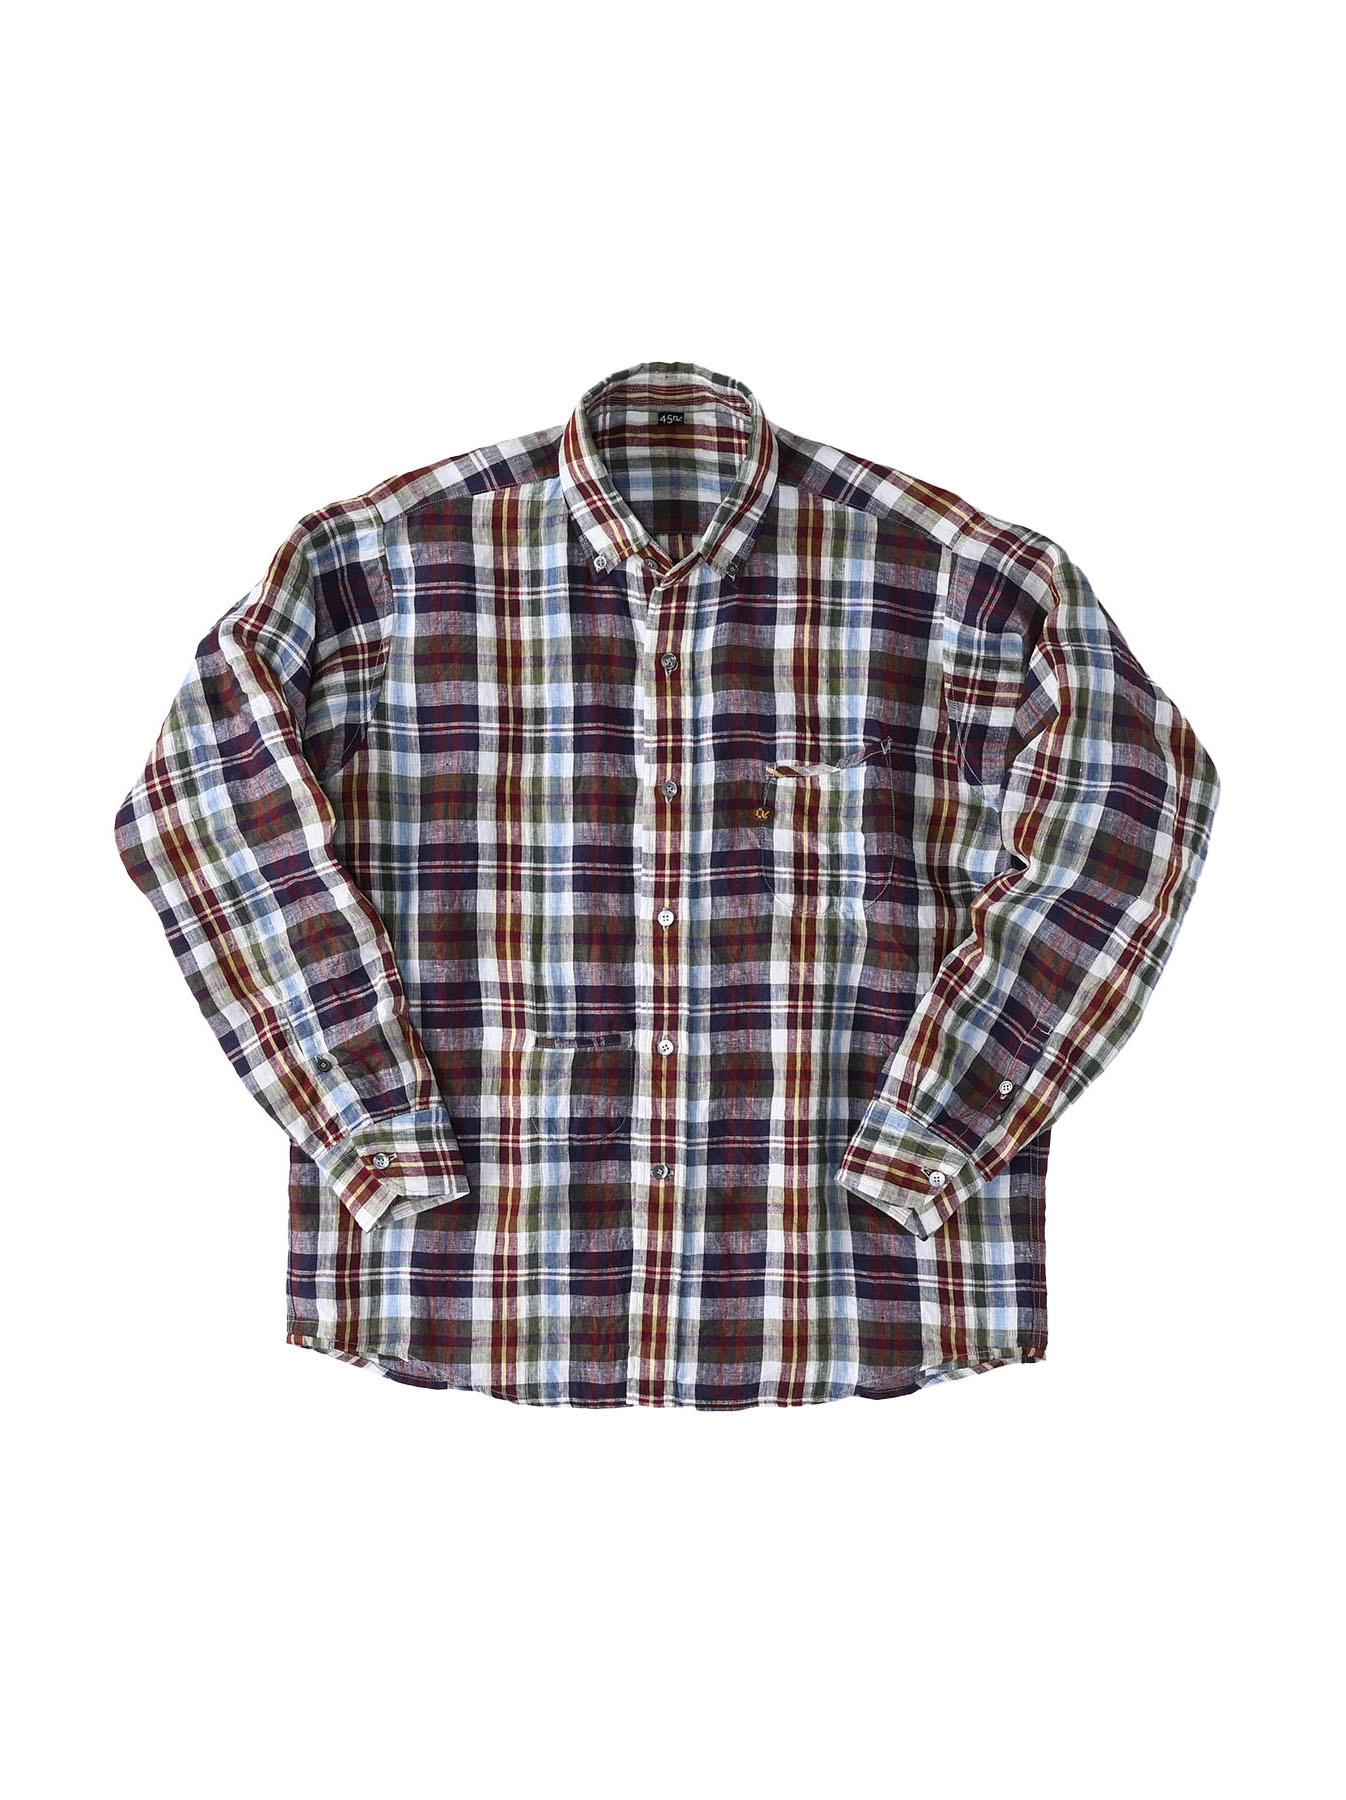 Indian Linen Madras 908 Ocean Button Down Shirt (0421)-1